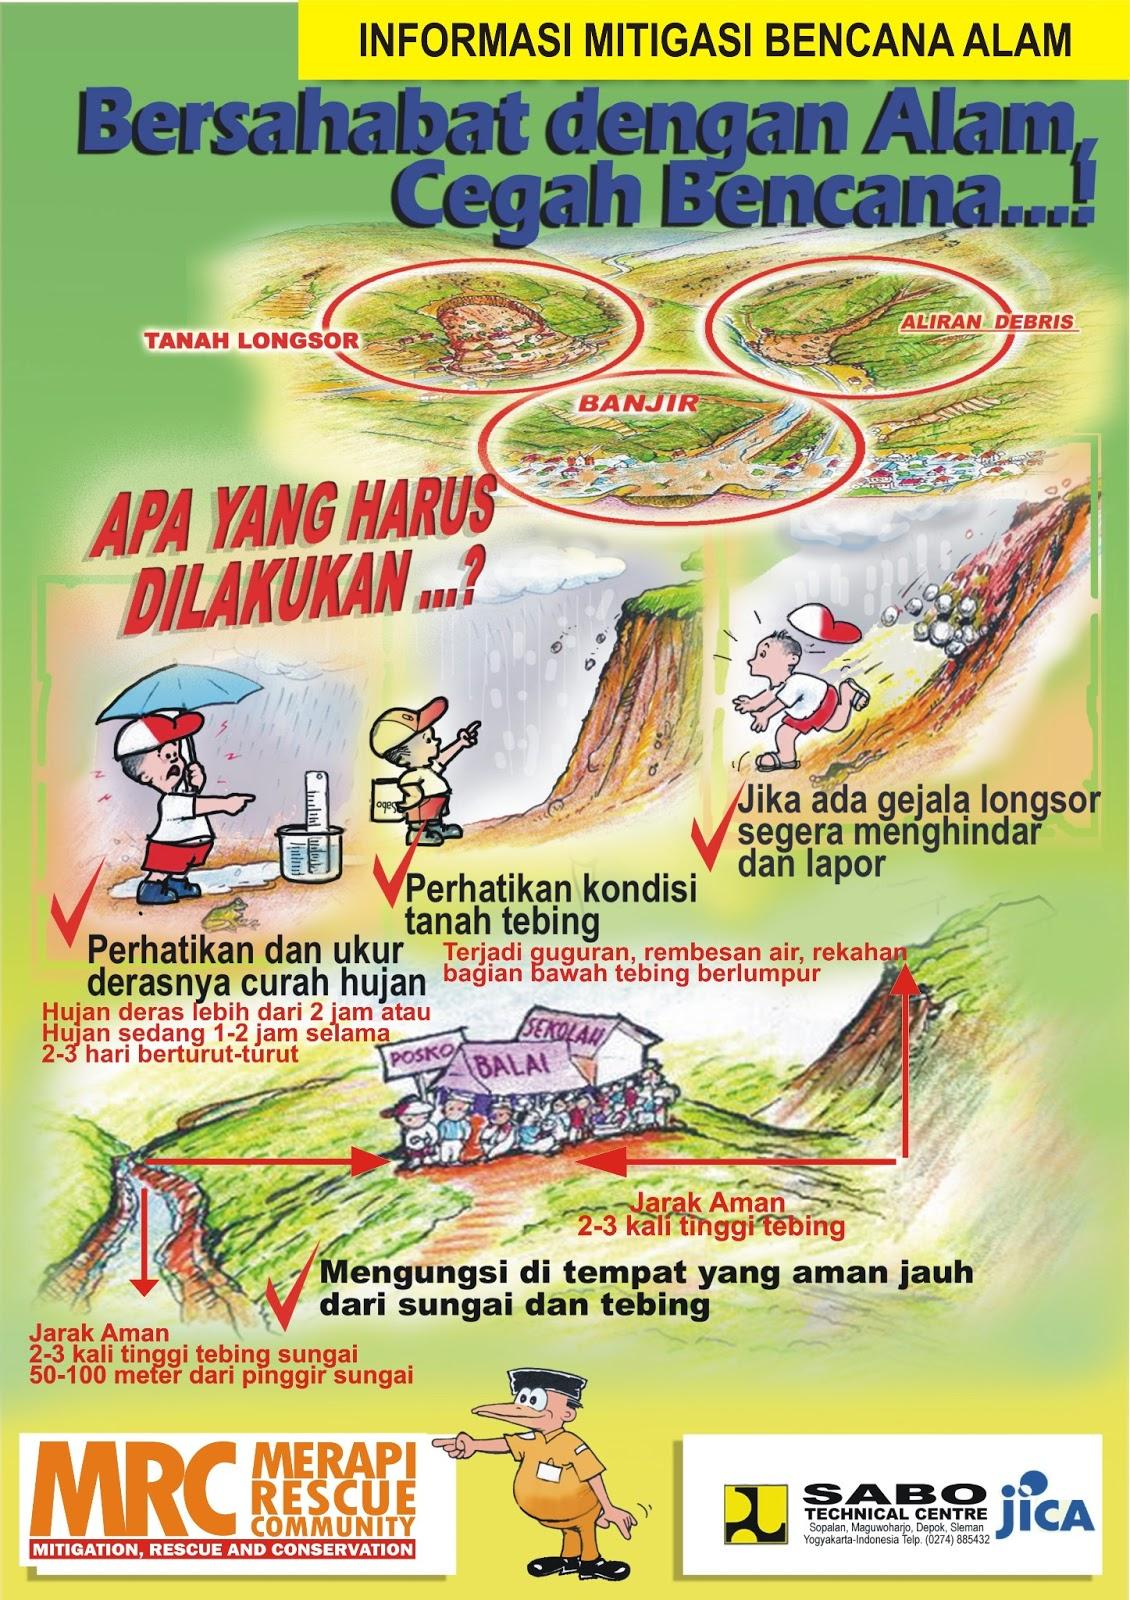 Contoh Laporan Bencana Alam Tanah Longsor Seputar Laporan